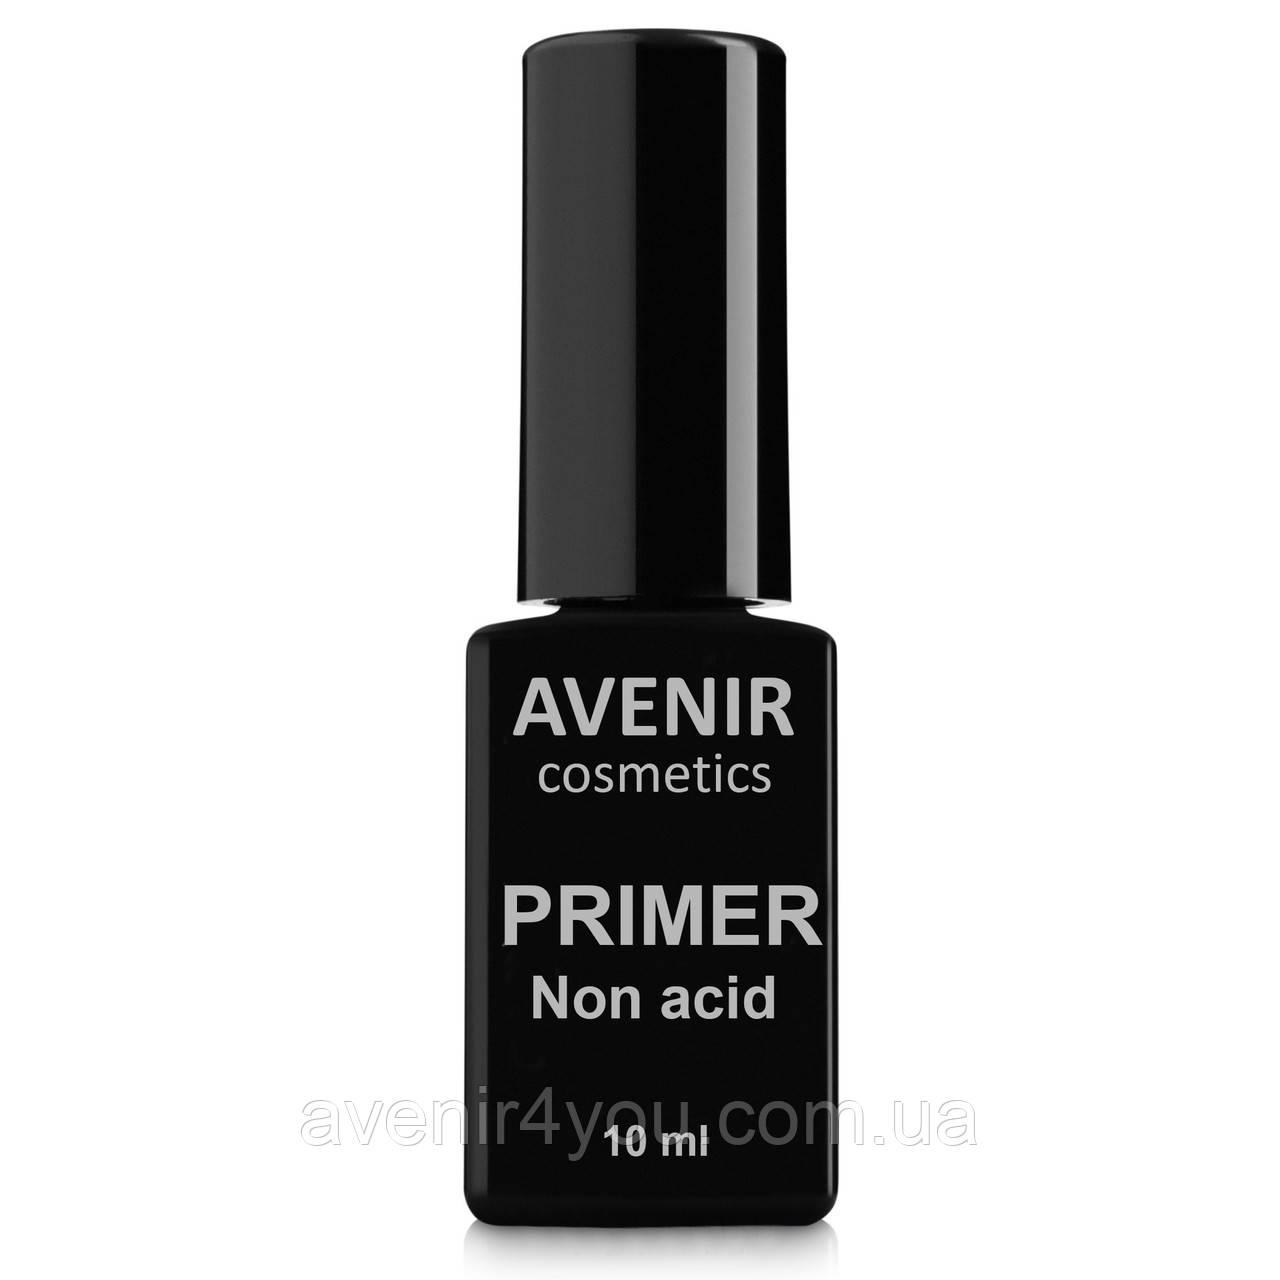 Бескислотный праймер для ногтей AvenirCosmetics 10мл